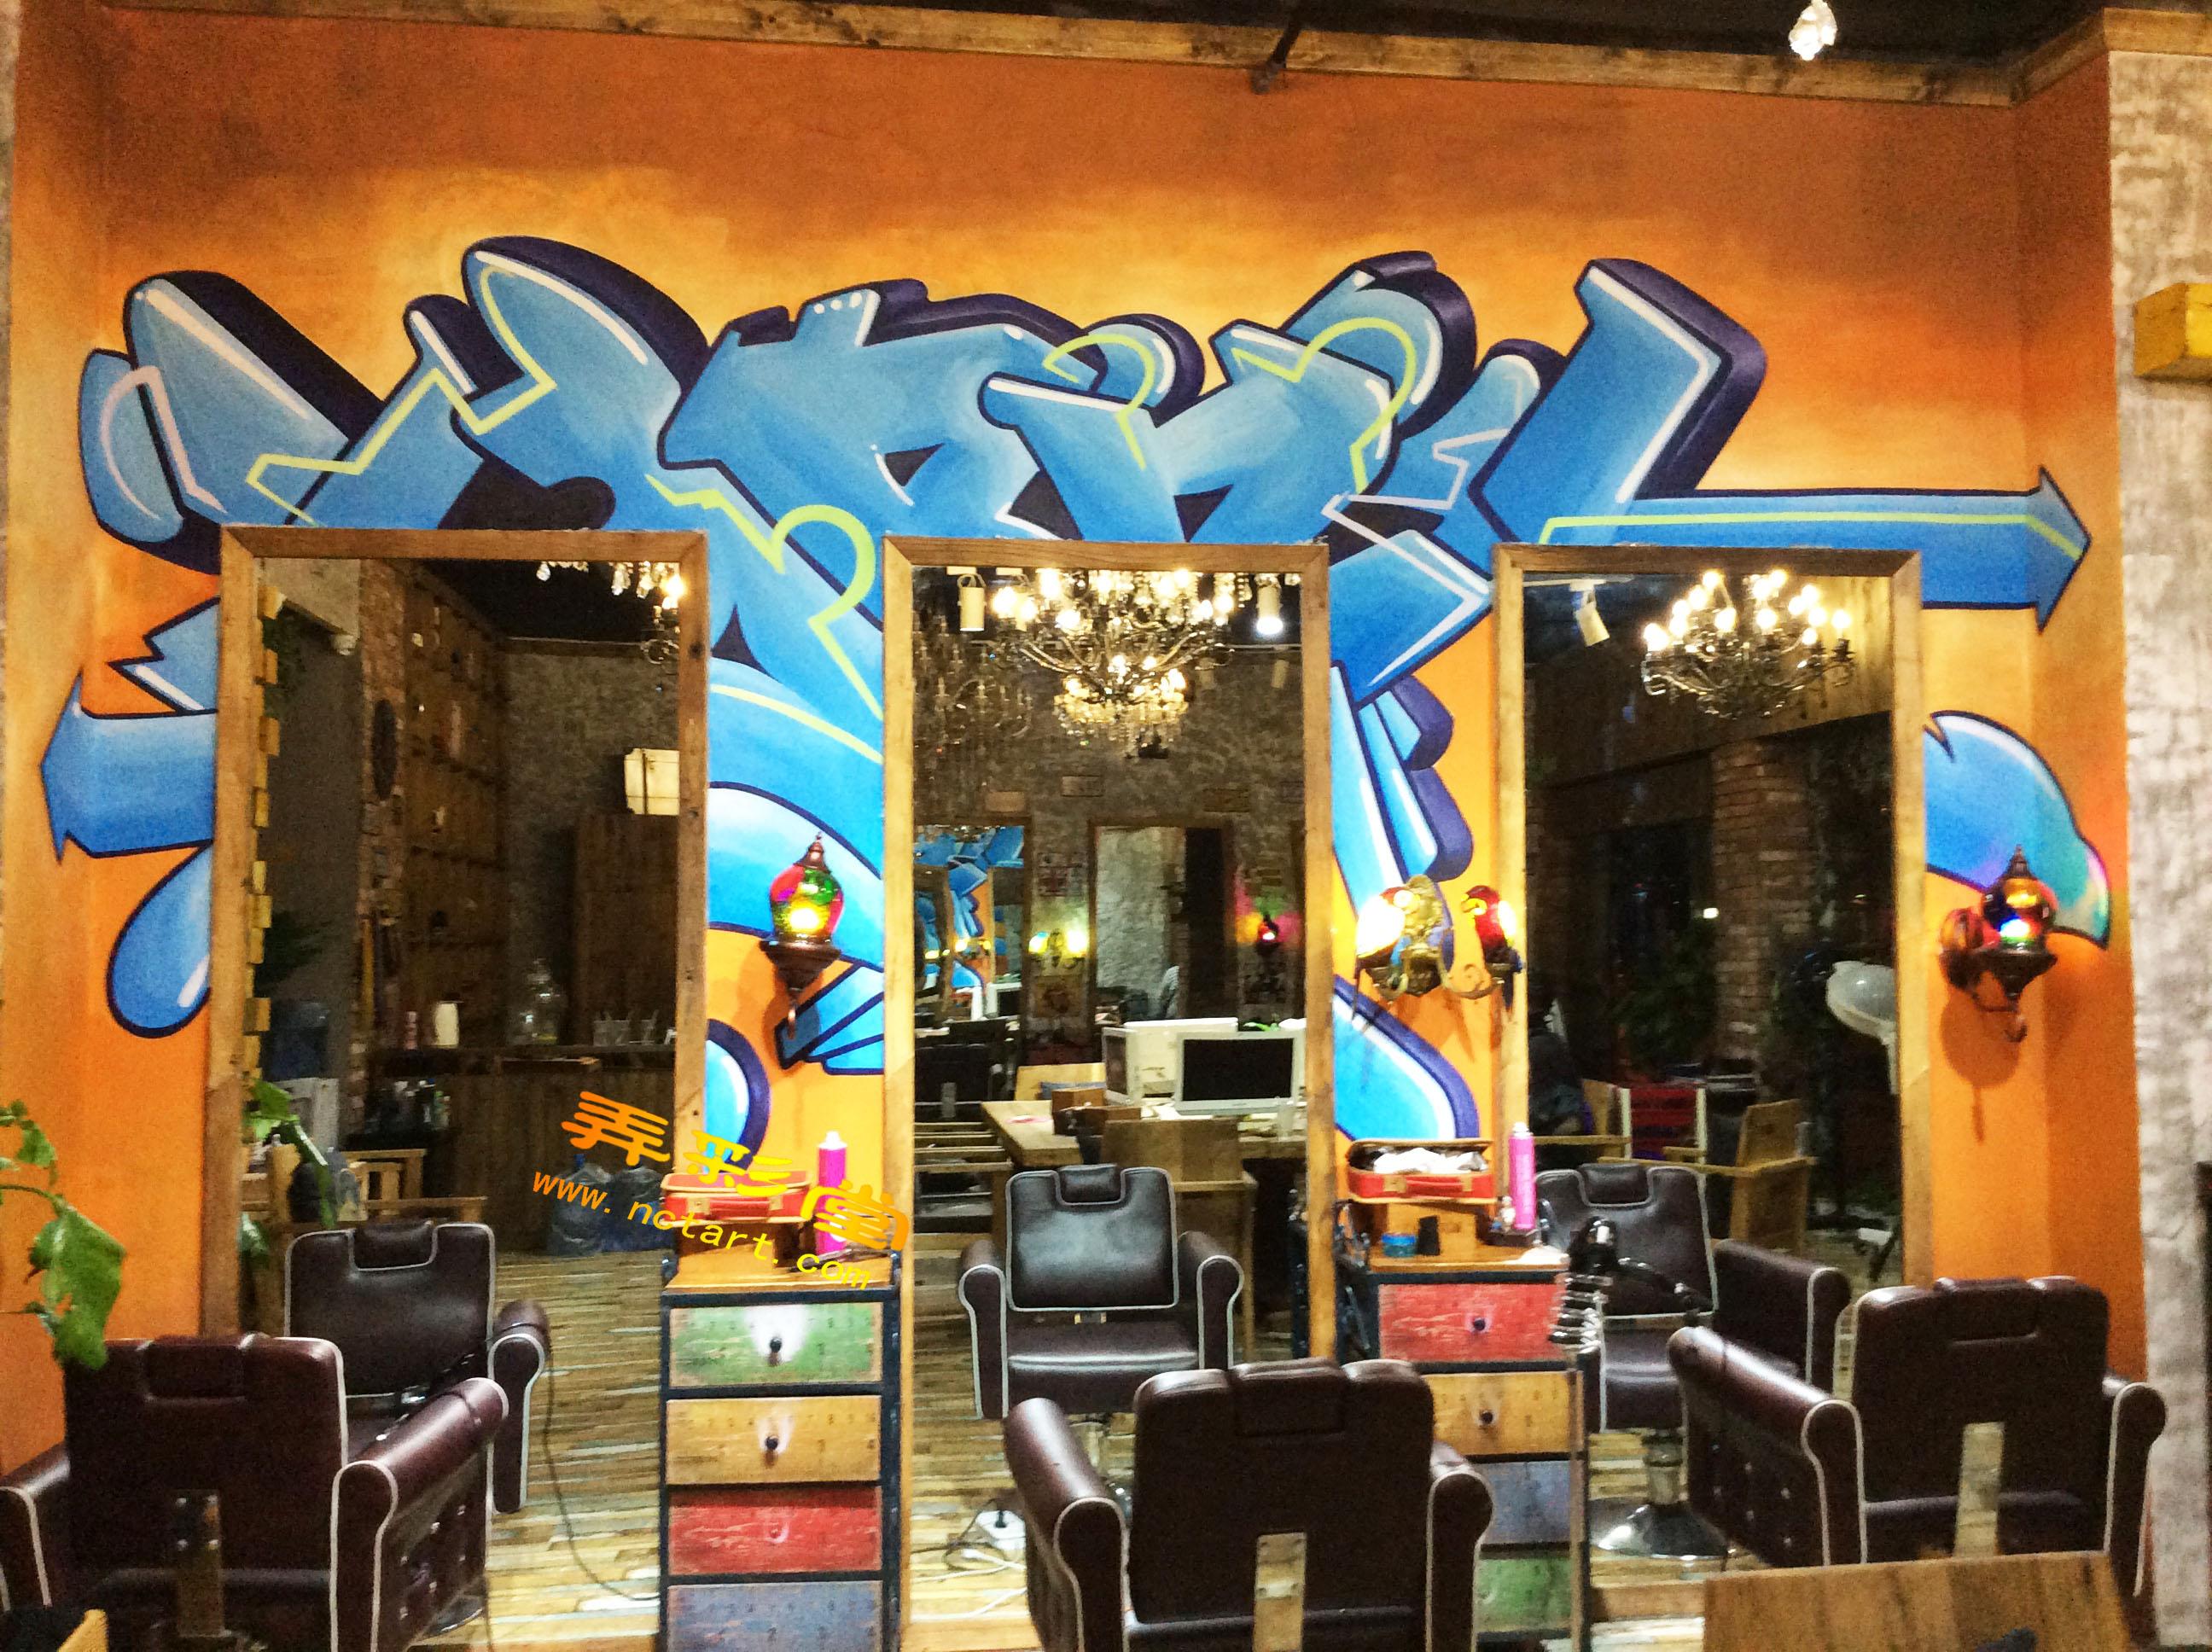 衡阳理发店美容美发墙体彩绘手绘墙壁画--常胜东路